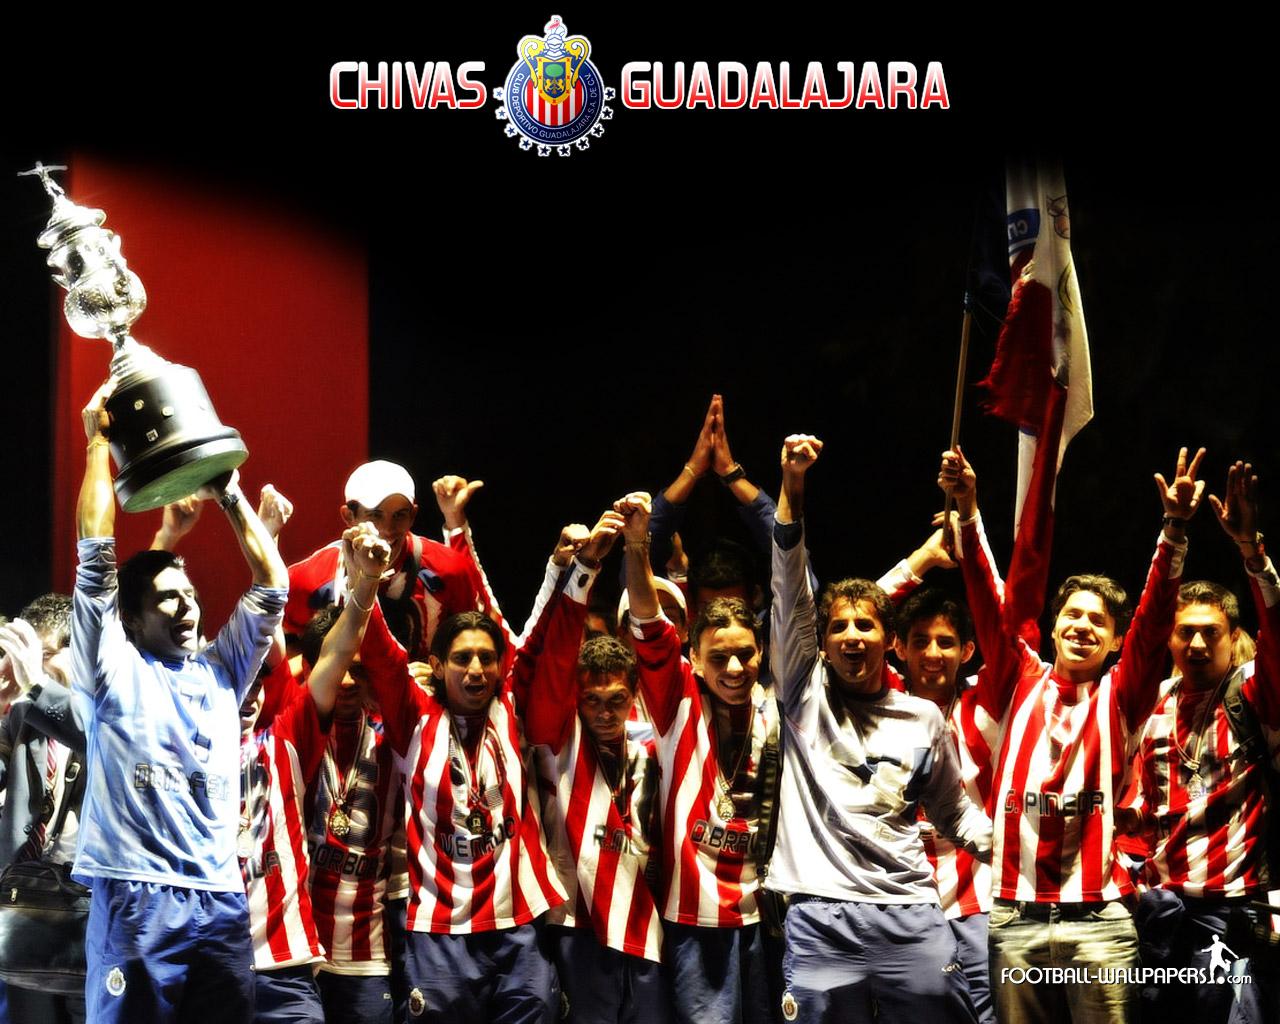 Imagenes De Equipos De Futbol Chivas - Imagenes de las chivas el mejor equipo Facebook